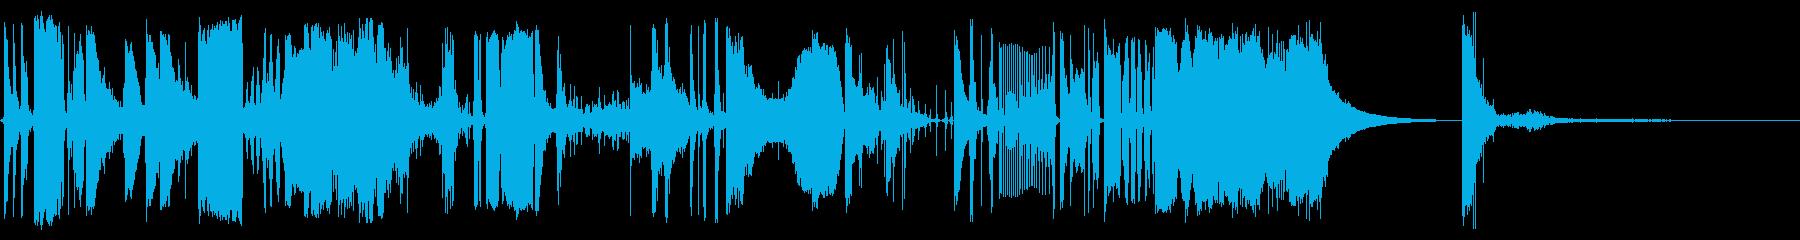 バウンティファーウィズの再生済みの波形